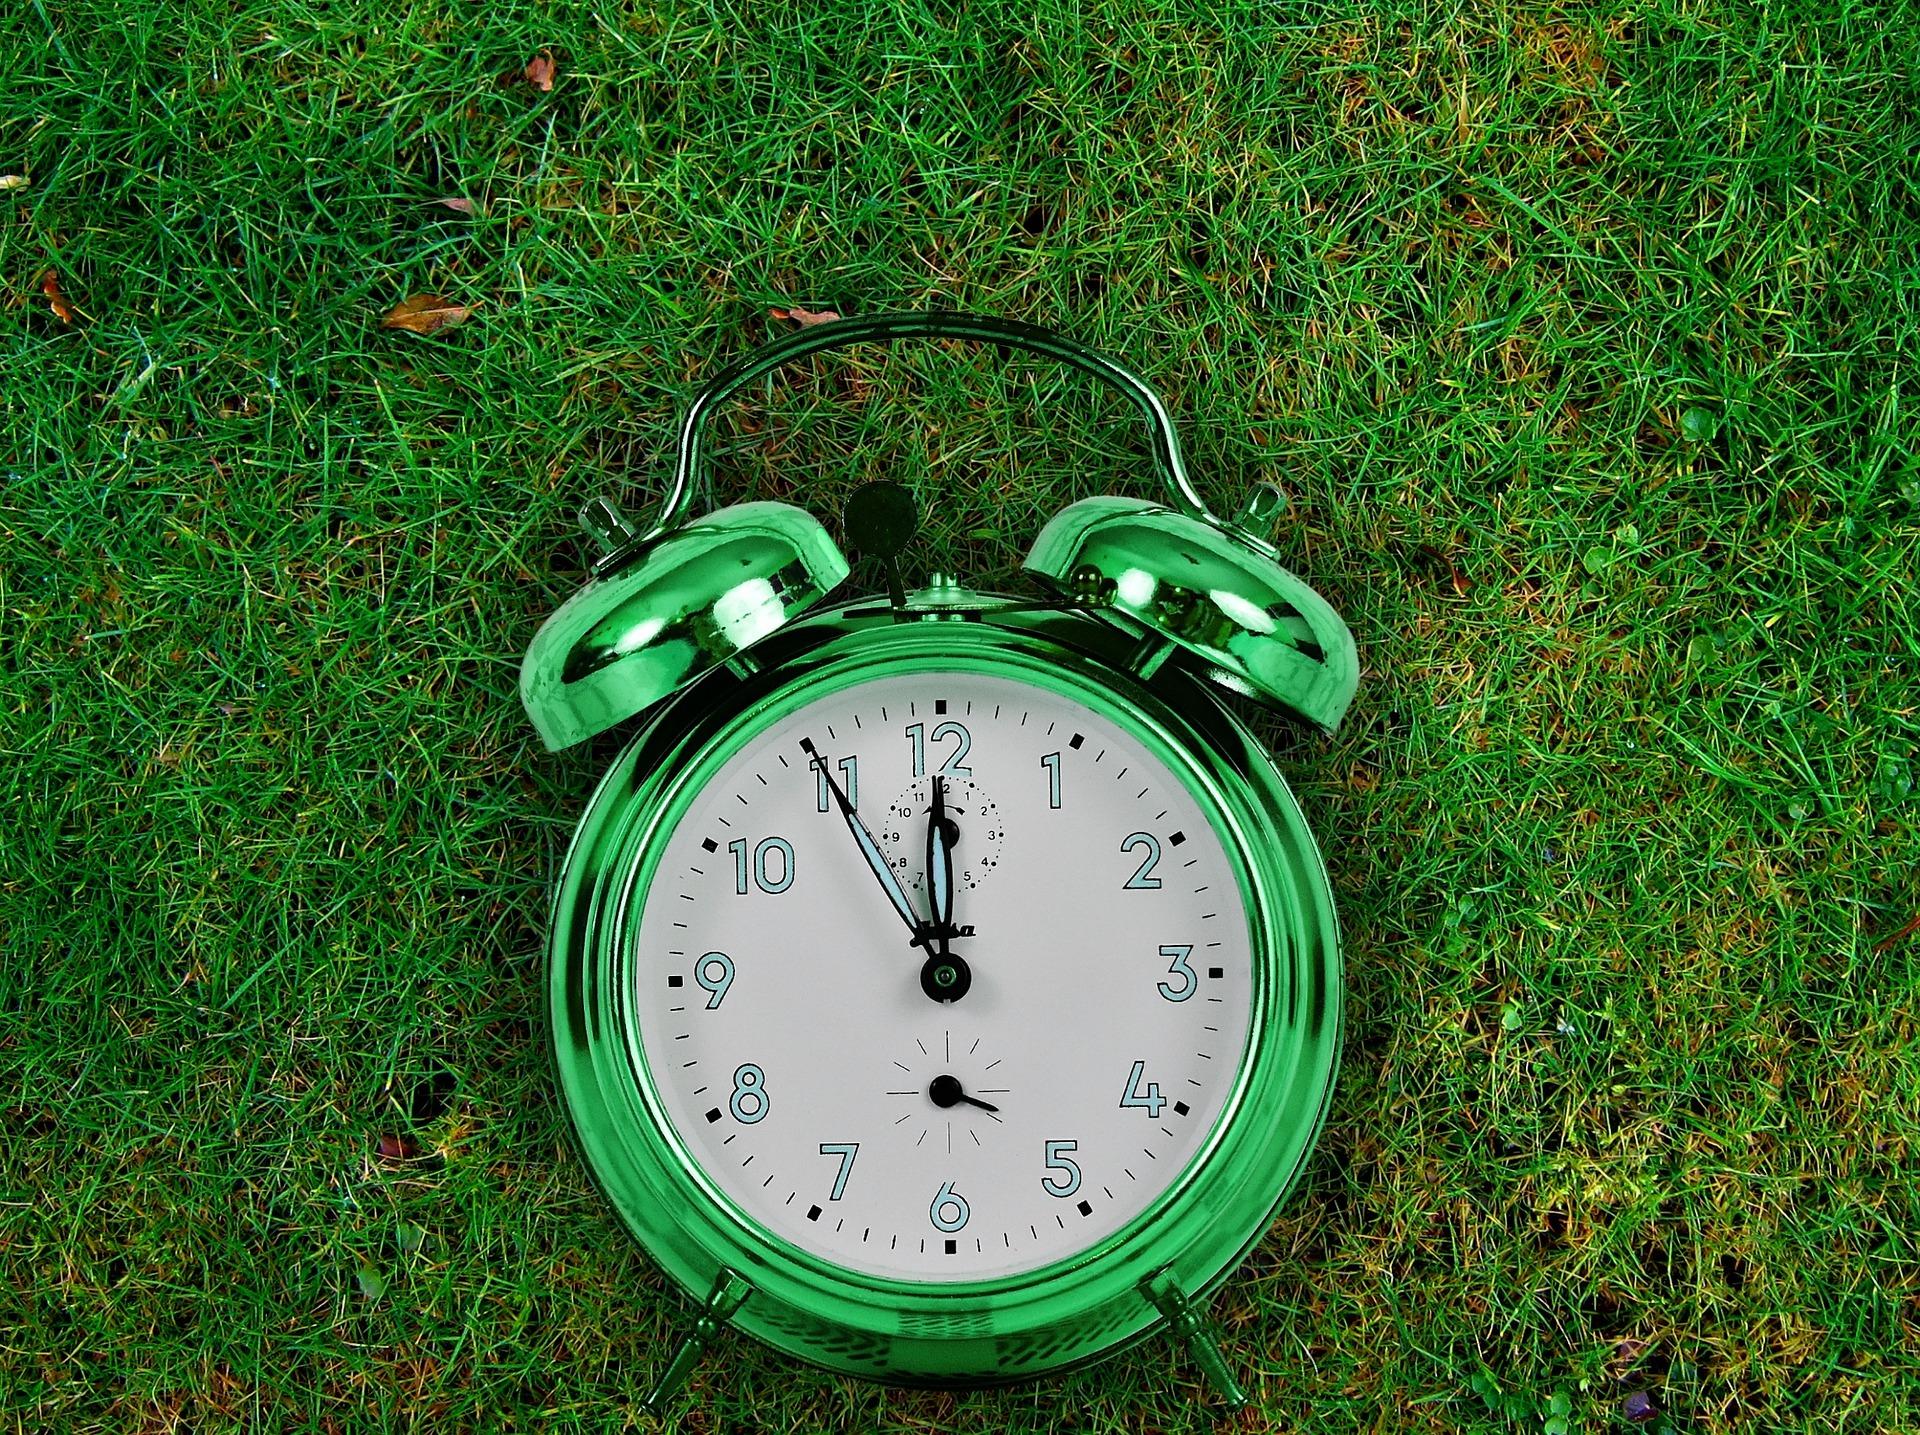 Nouveaux horaires. Heure d'hiver. Jardins des 4 Saisons. Guer, Ploërmel, Redon, Plélan-Le-Grand, Maure de Bretagne